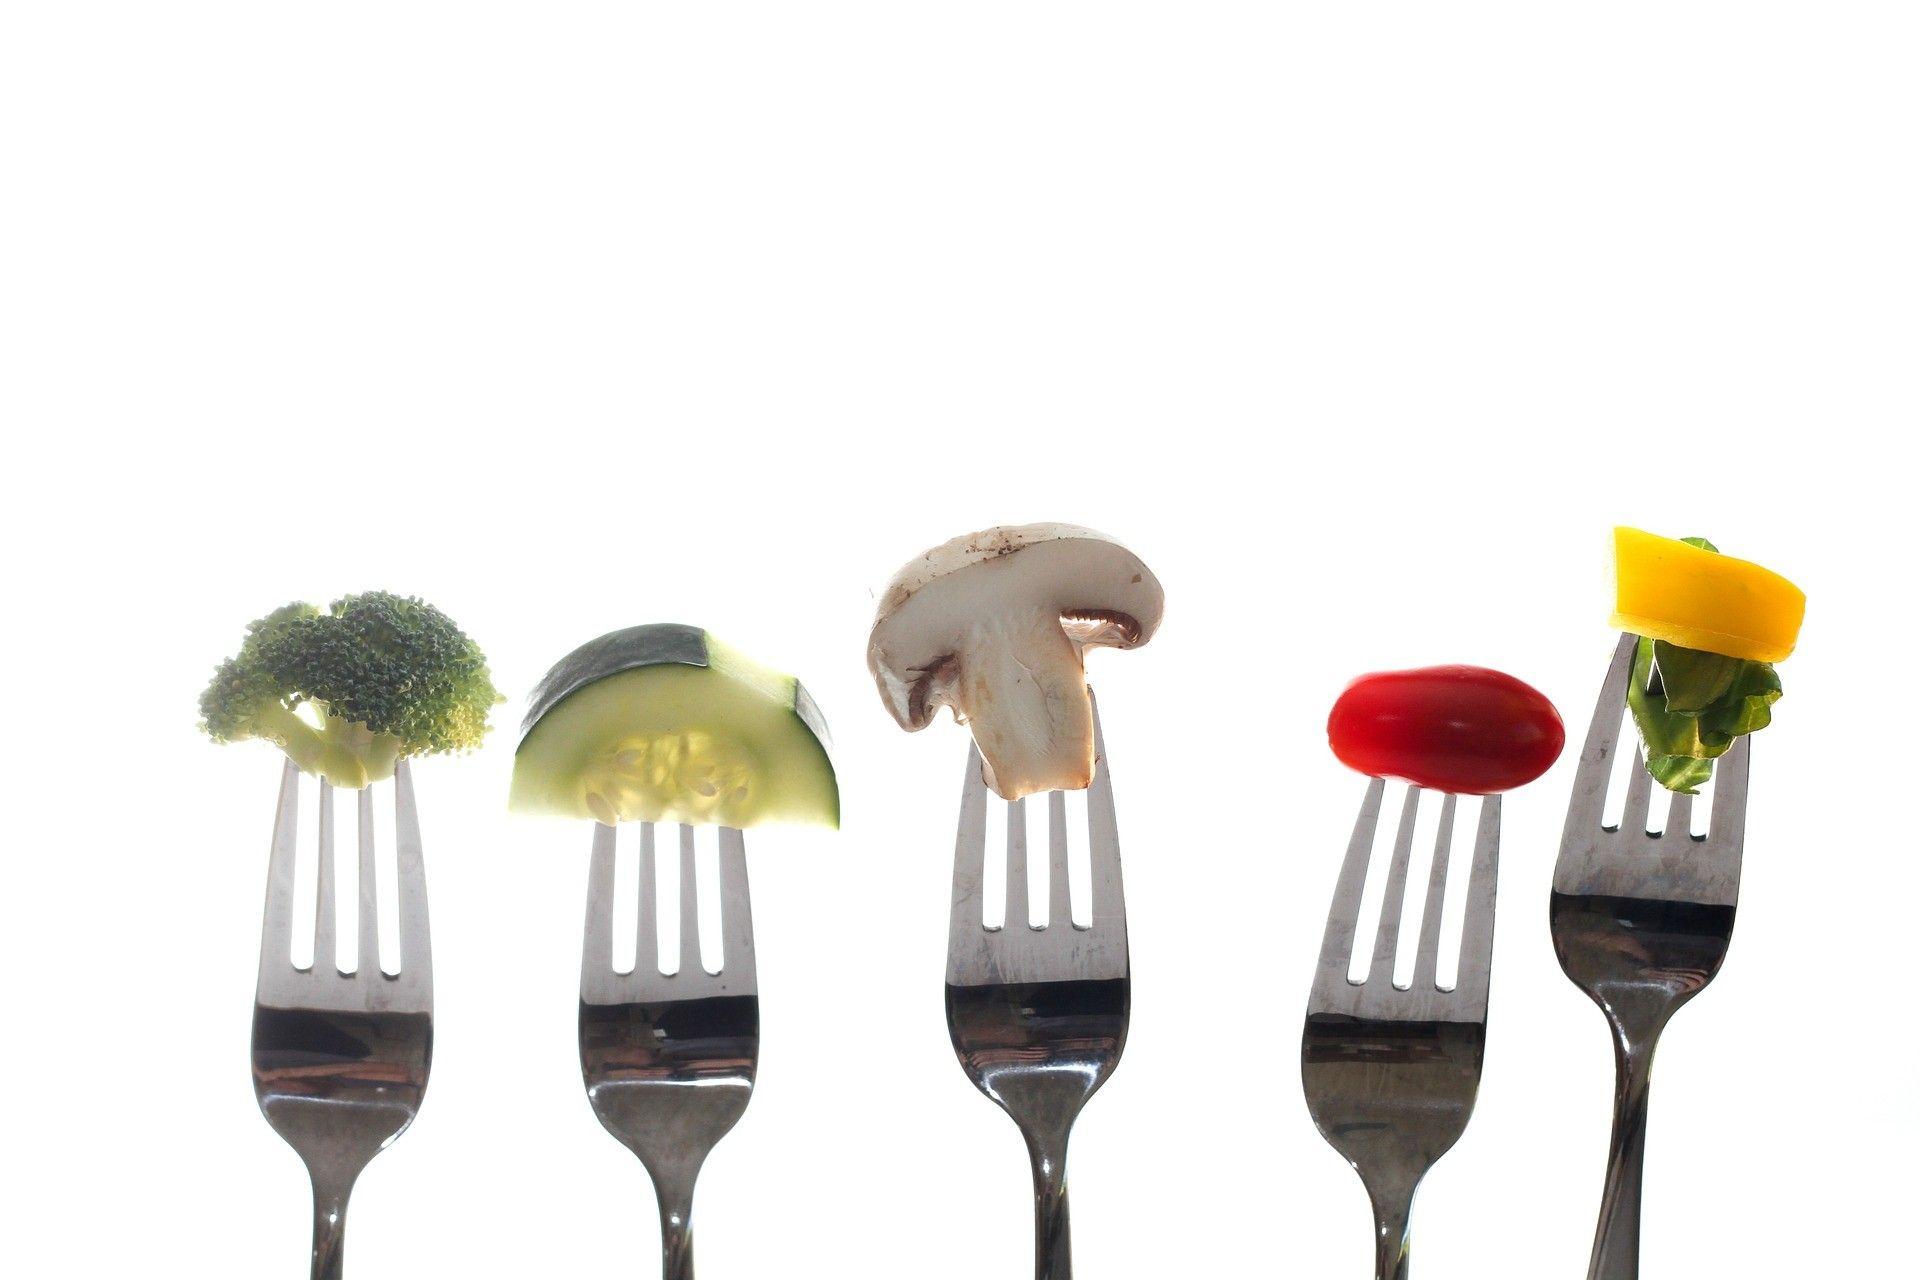 Fourchettes avec des légumes, forks with vegetables